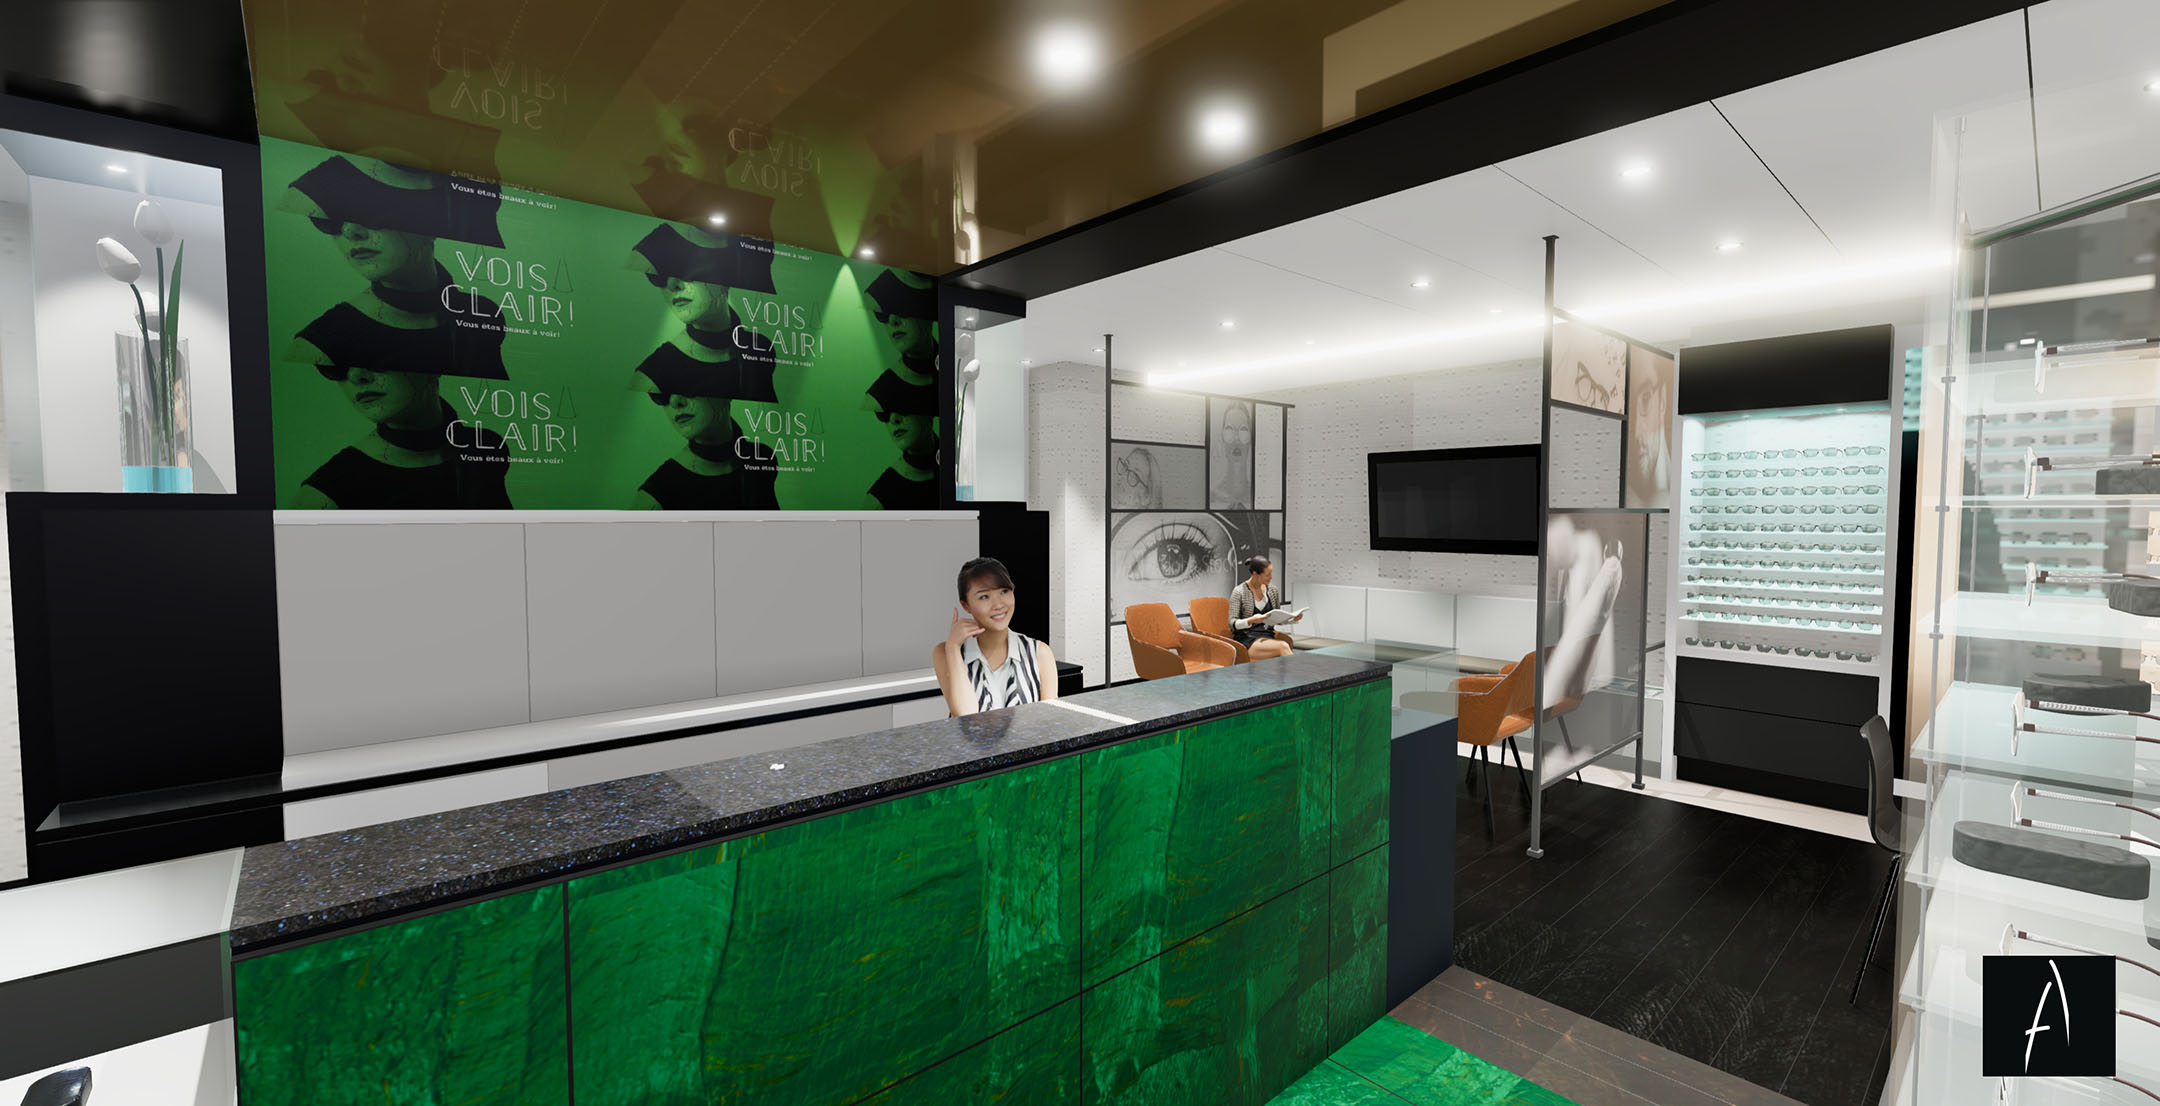 Modélisation 3D et conception d'ébénisterie sur mesure d'un poste de réception, des présentoirs et d'une banquette pour la salle d'attente de la clinique visuelle Zieuté de Québec